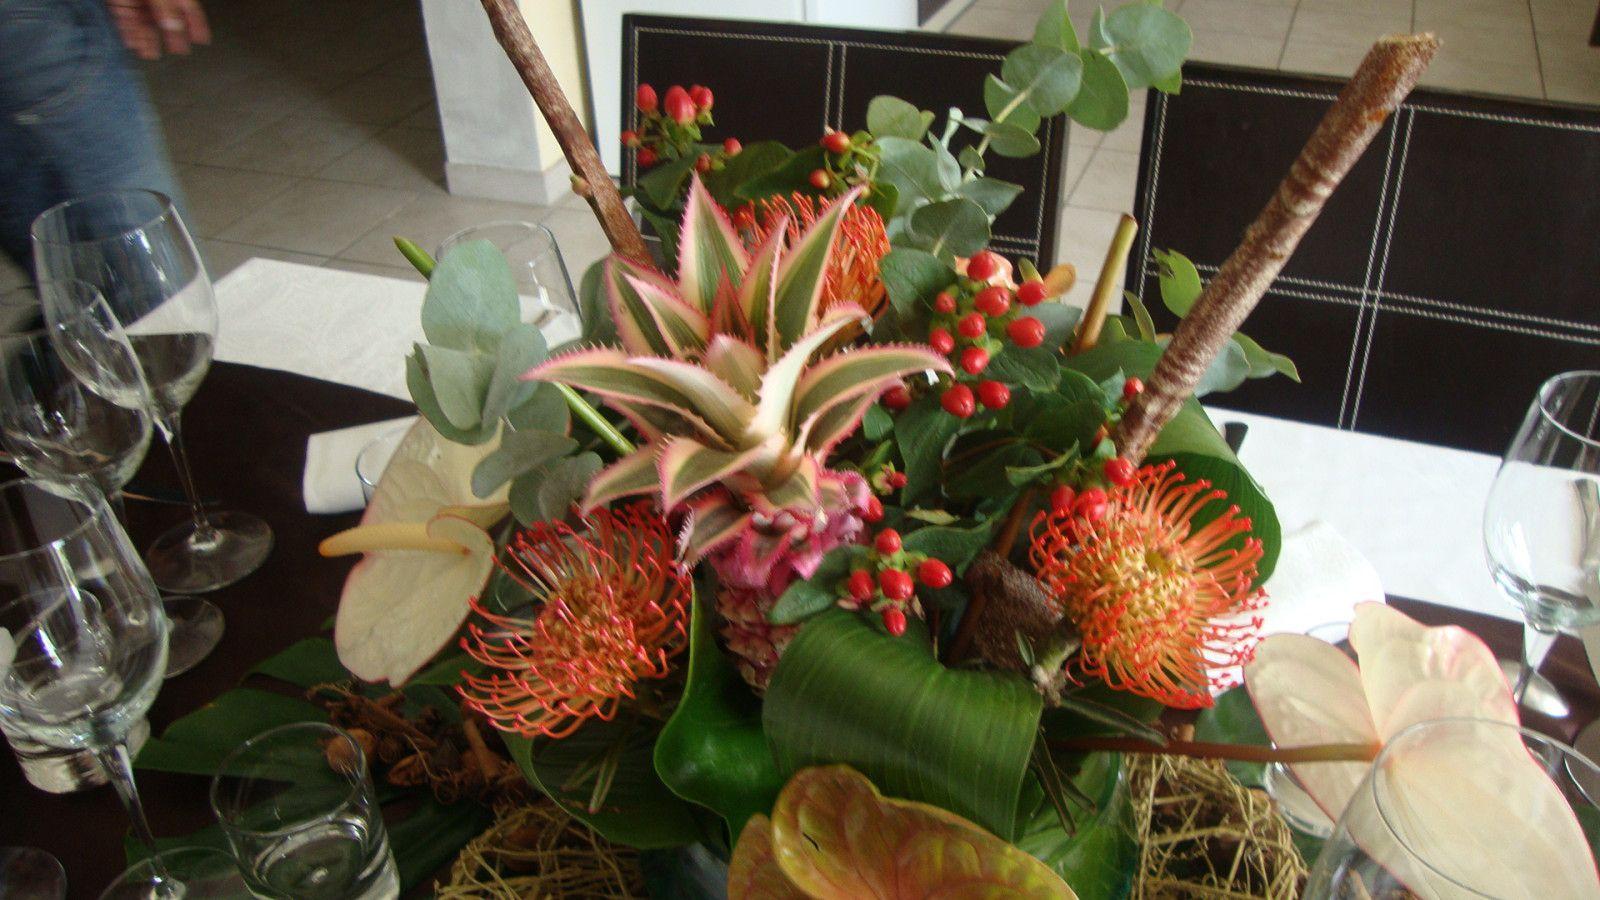 Comment Faire Un Centre De Table Avec Des Fleurs centre de table fleurs exotiques - le blog de